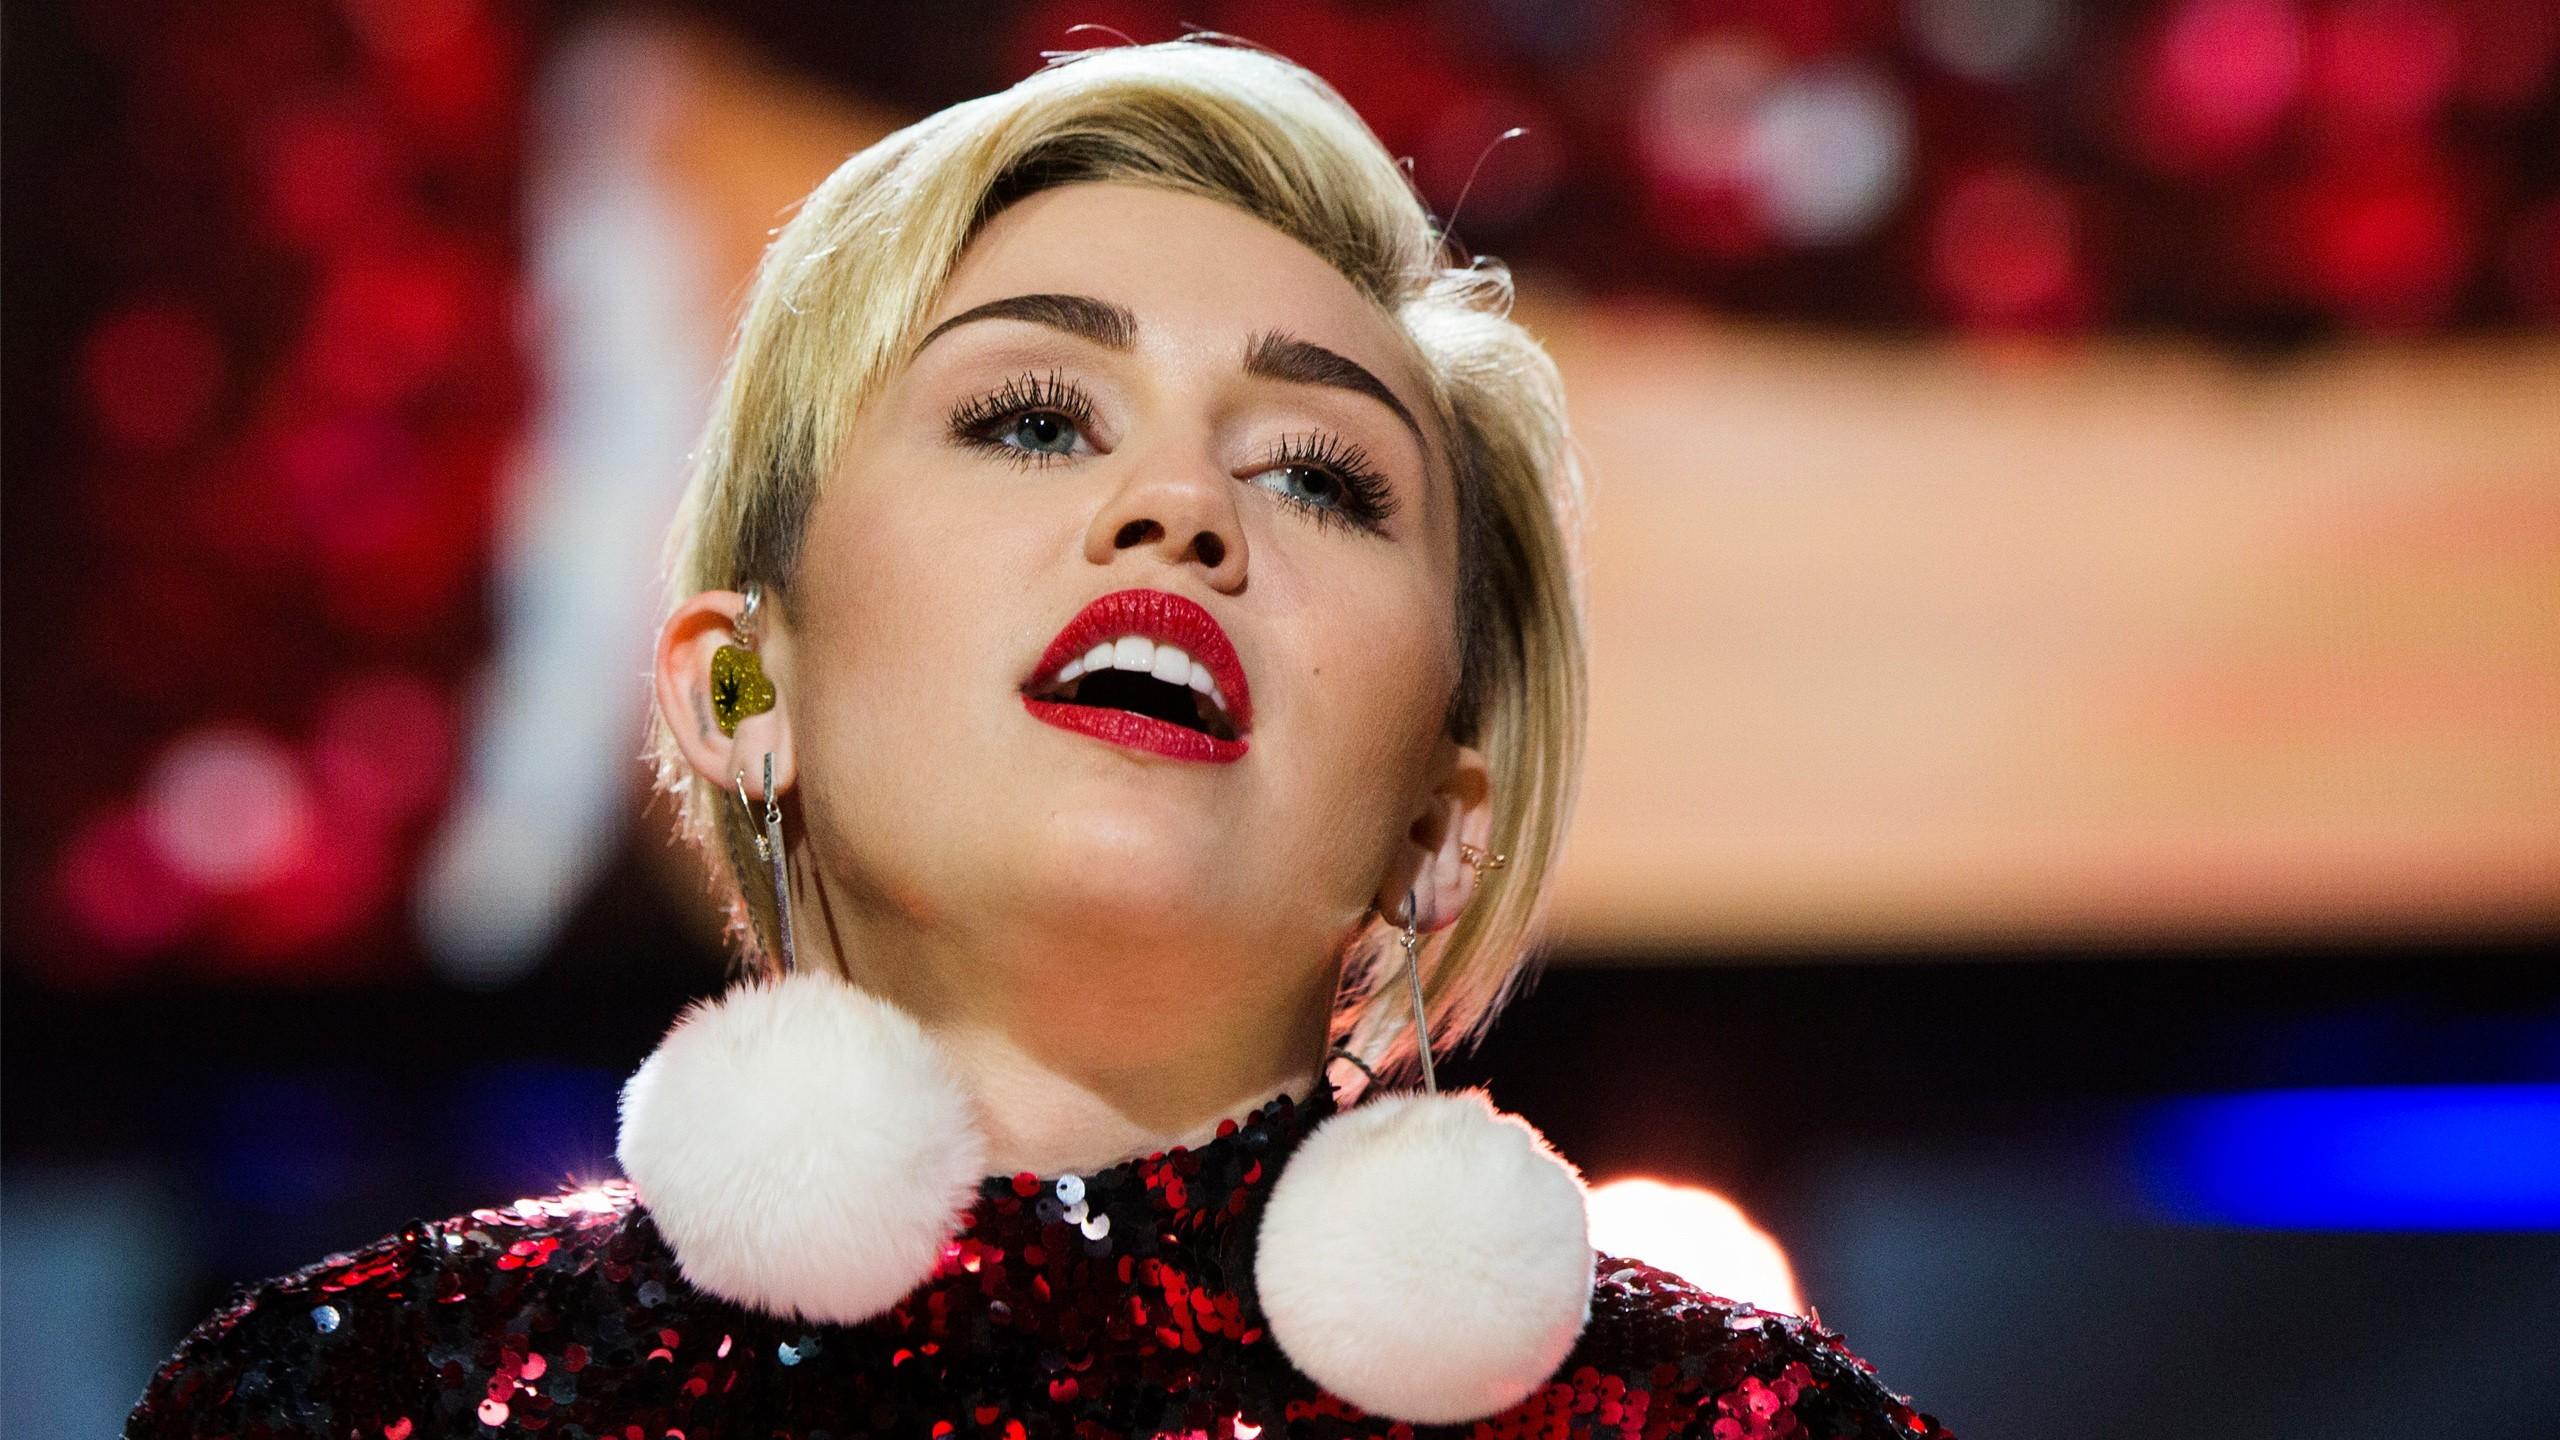 … x 1440 Original. Description: Download Miley Cyrus 84 Miley Cyrus  wallpaper …